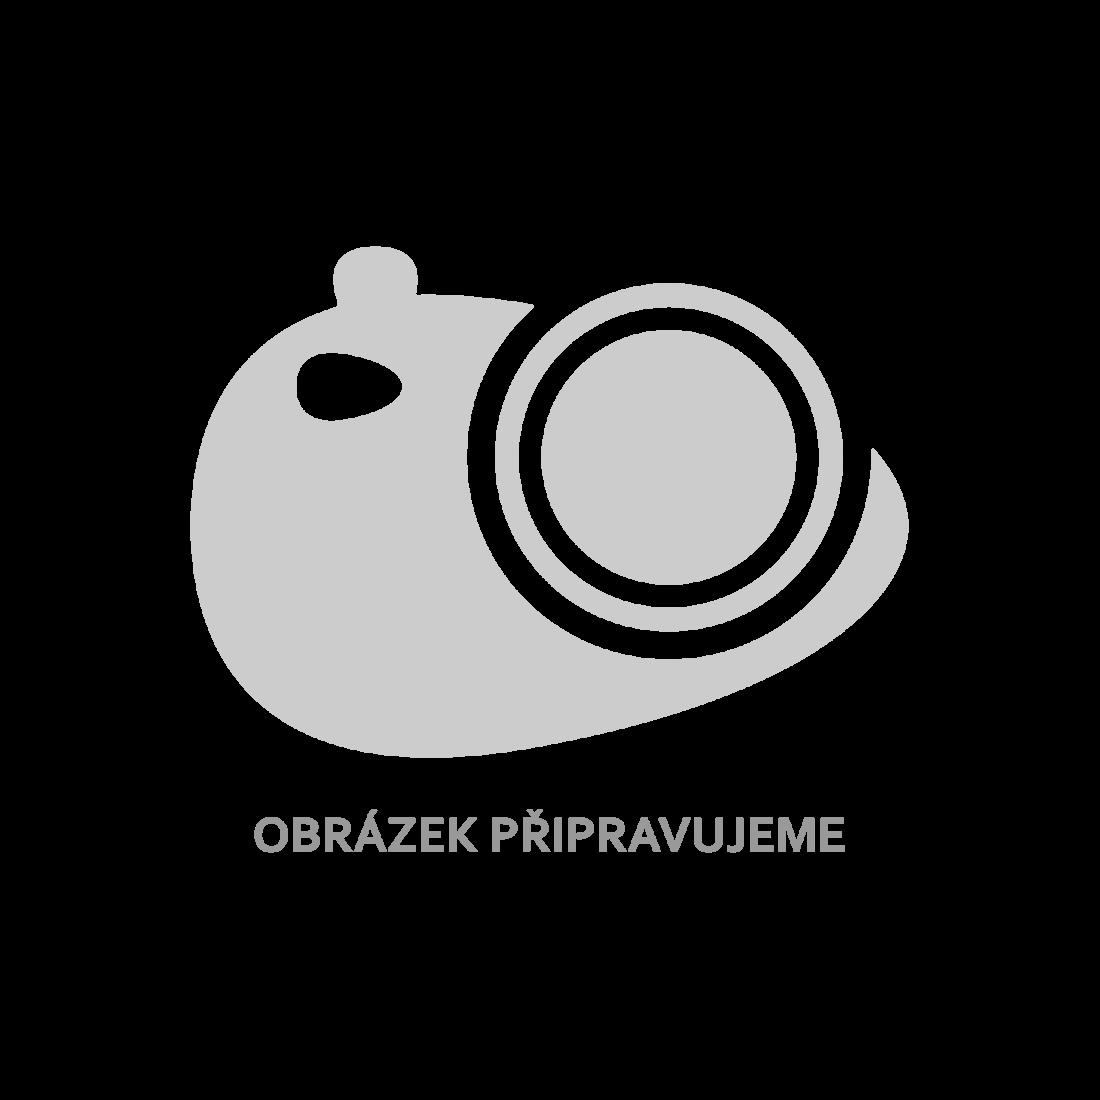 Zahradní odpadní pytel Zelený 4 ks 272 L 150 g / m²